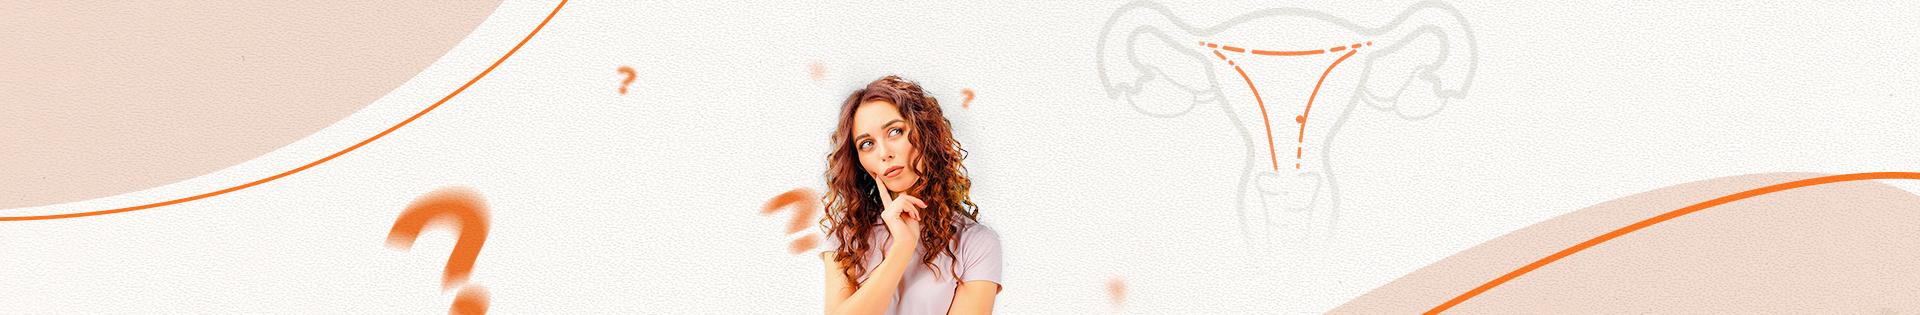 Receptividade endometrial: o que é?